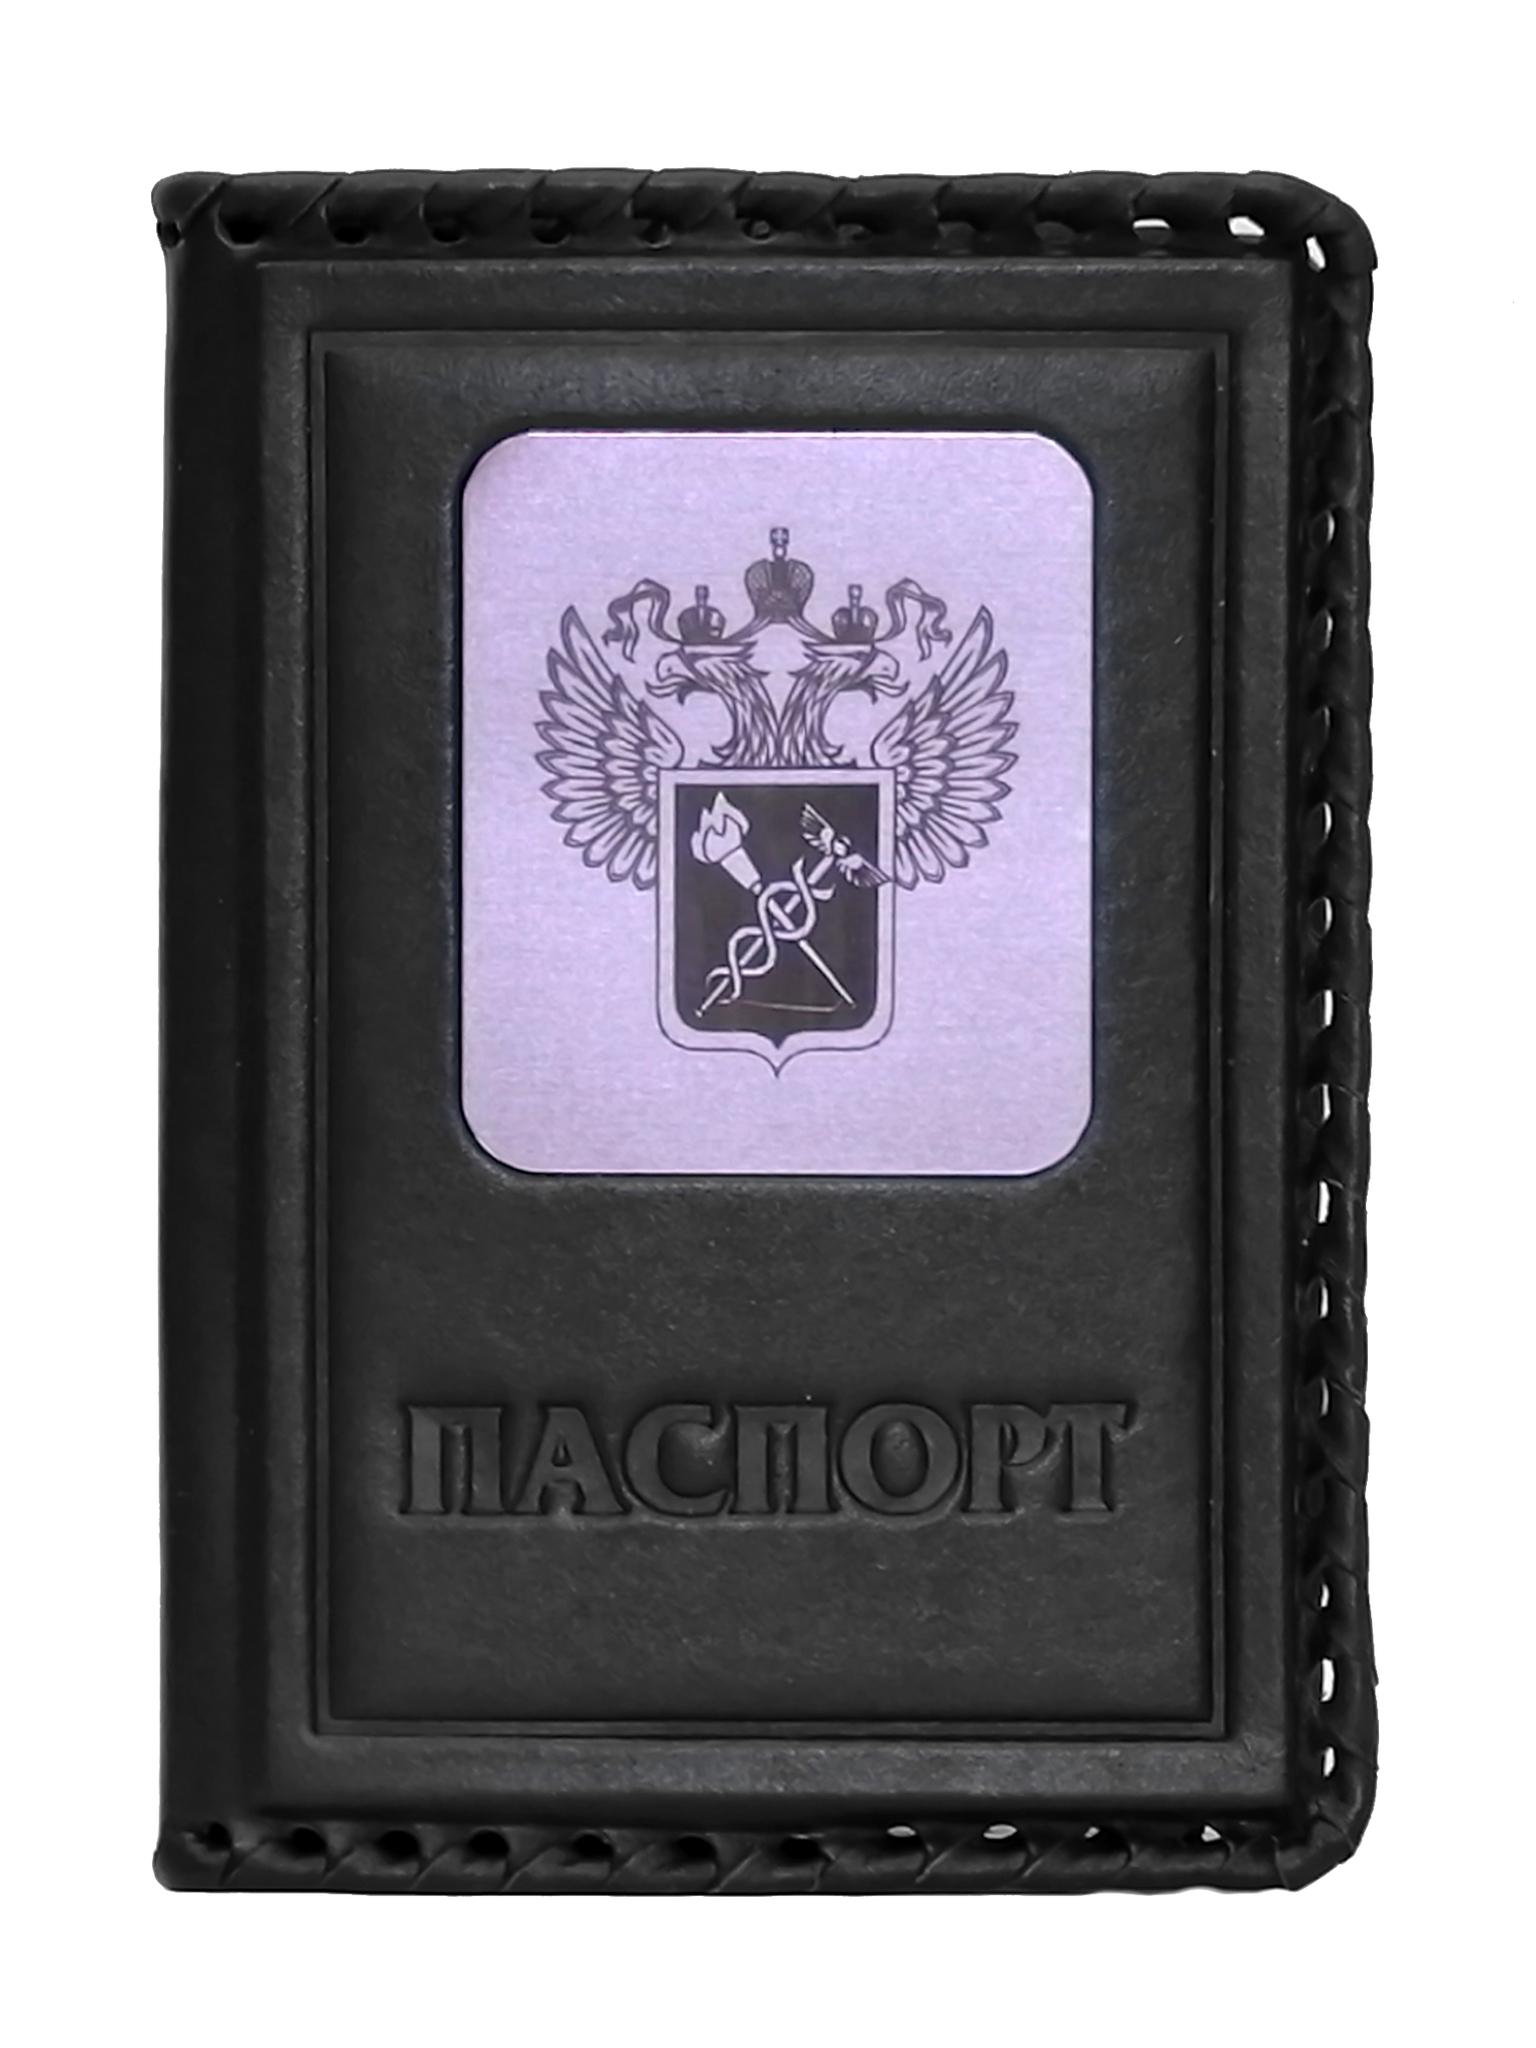 Обложка на паспорт | Герб таможни | Чёрный